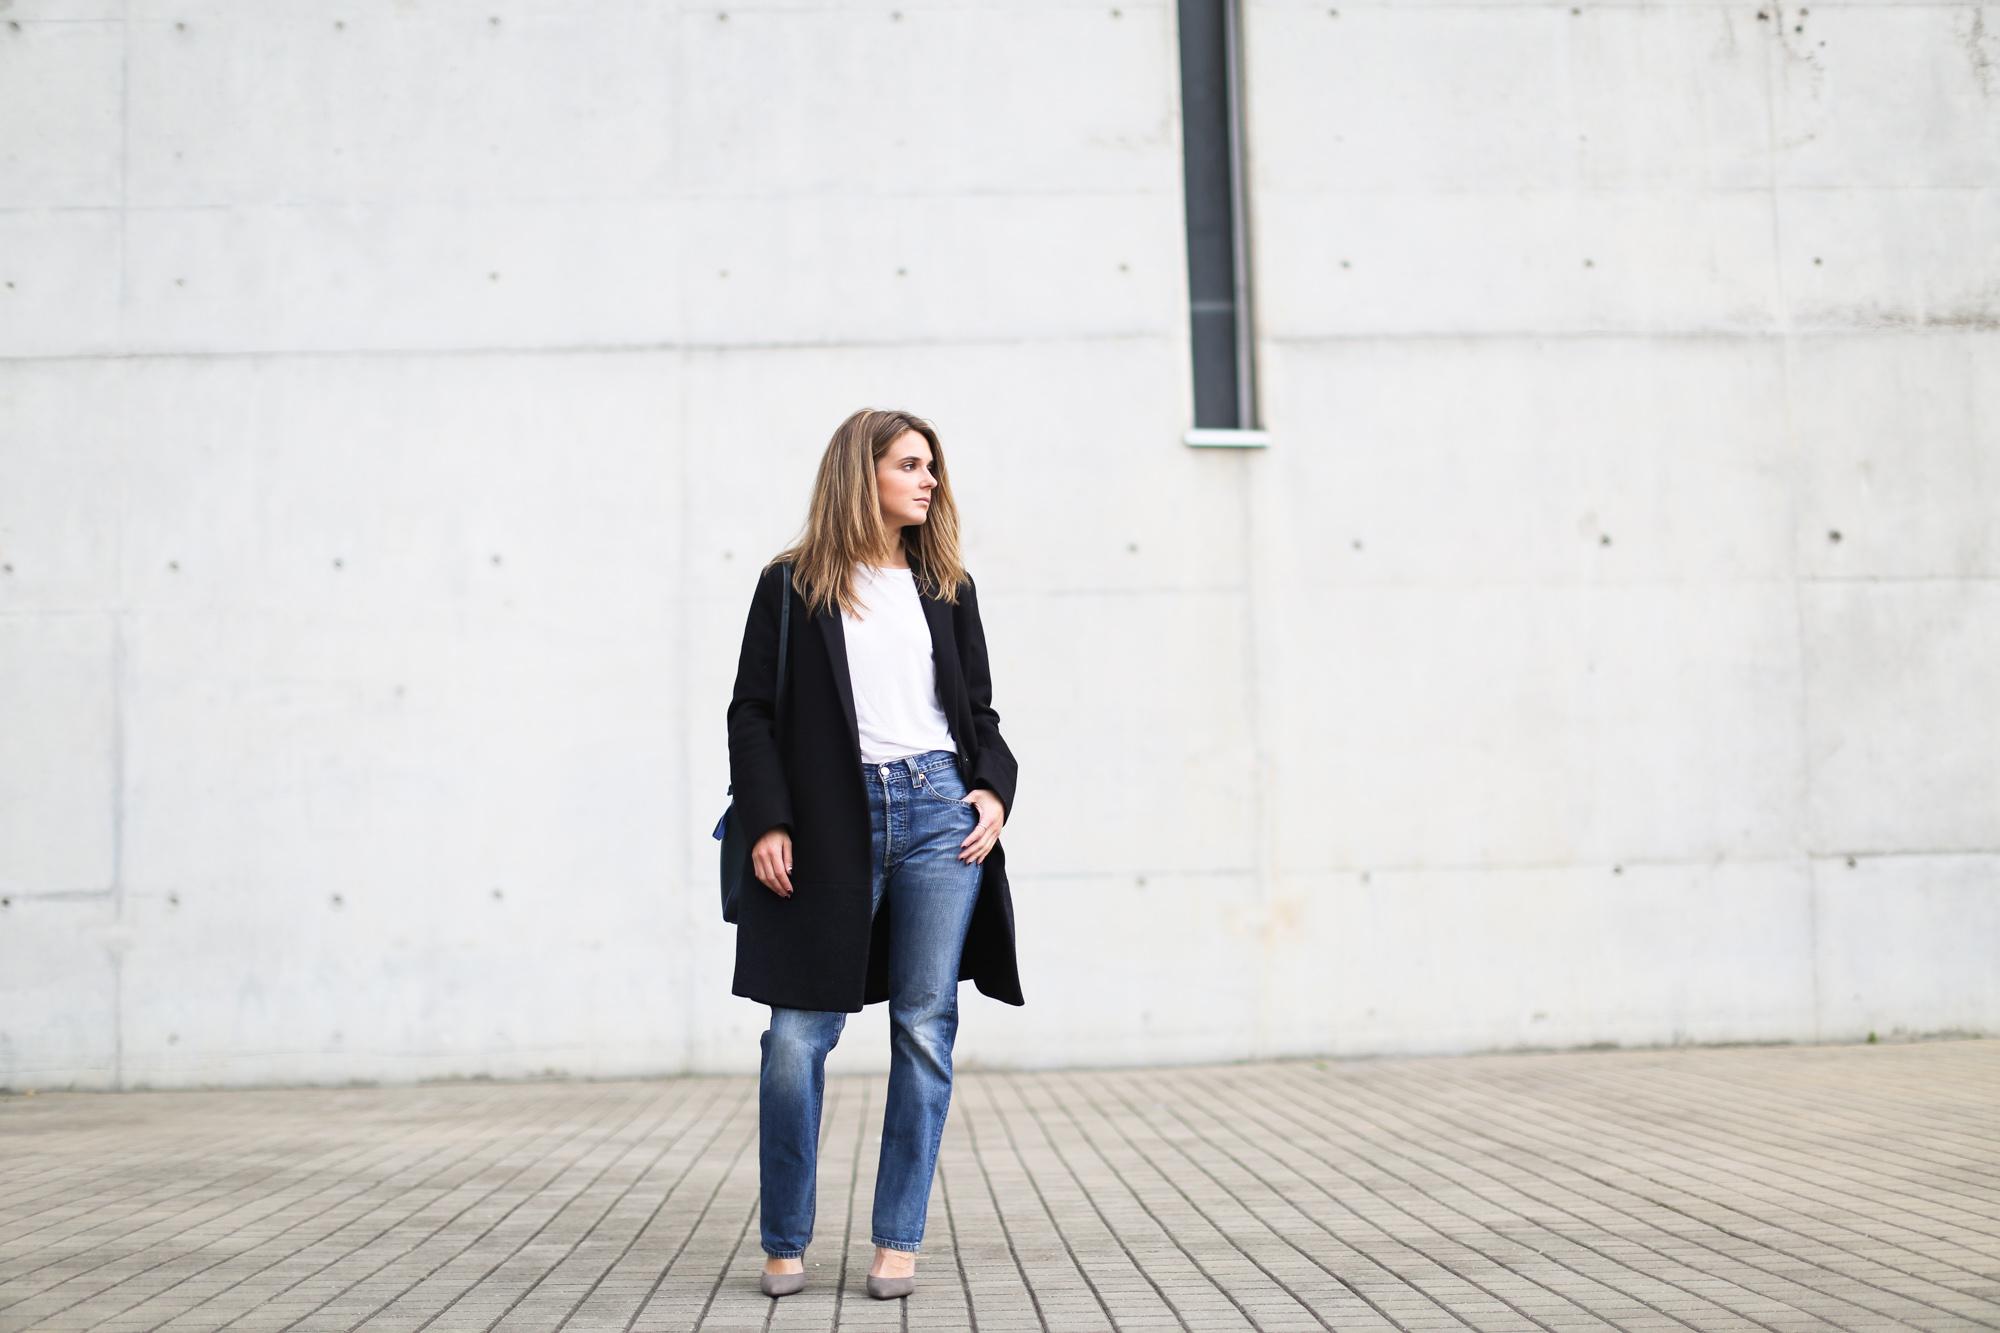 Clochet_streetstyle_levis_501_vintage_cos_coat_purificacion_garcia_bolso_saco-13